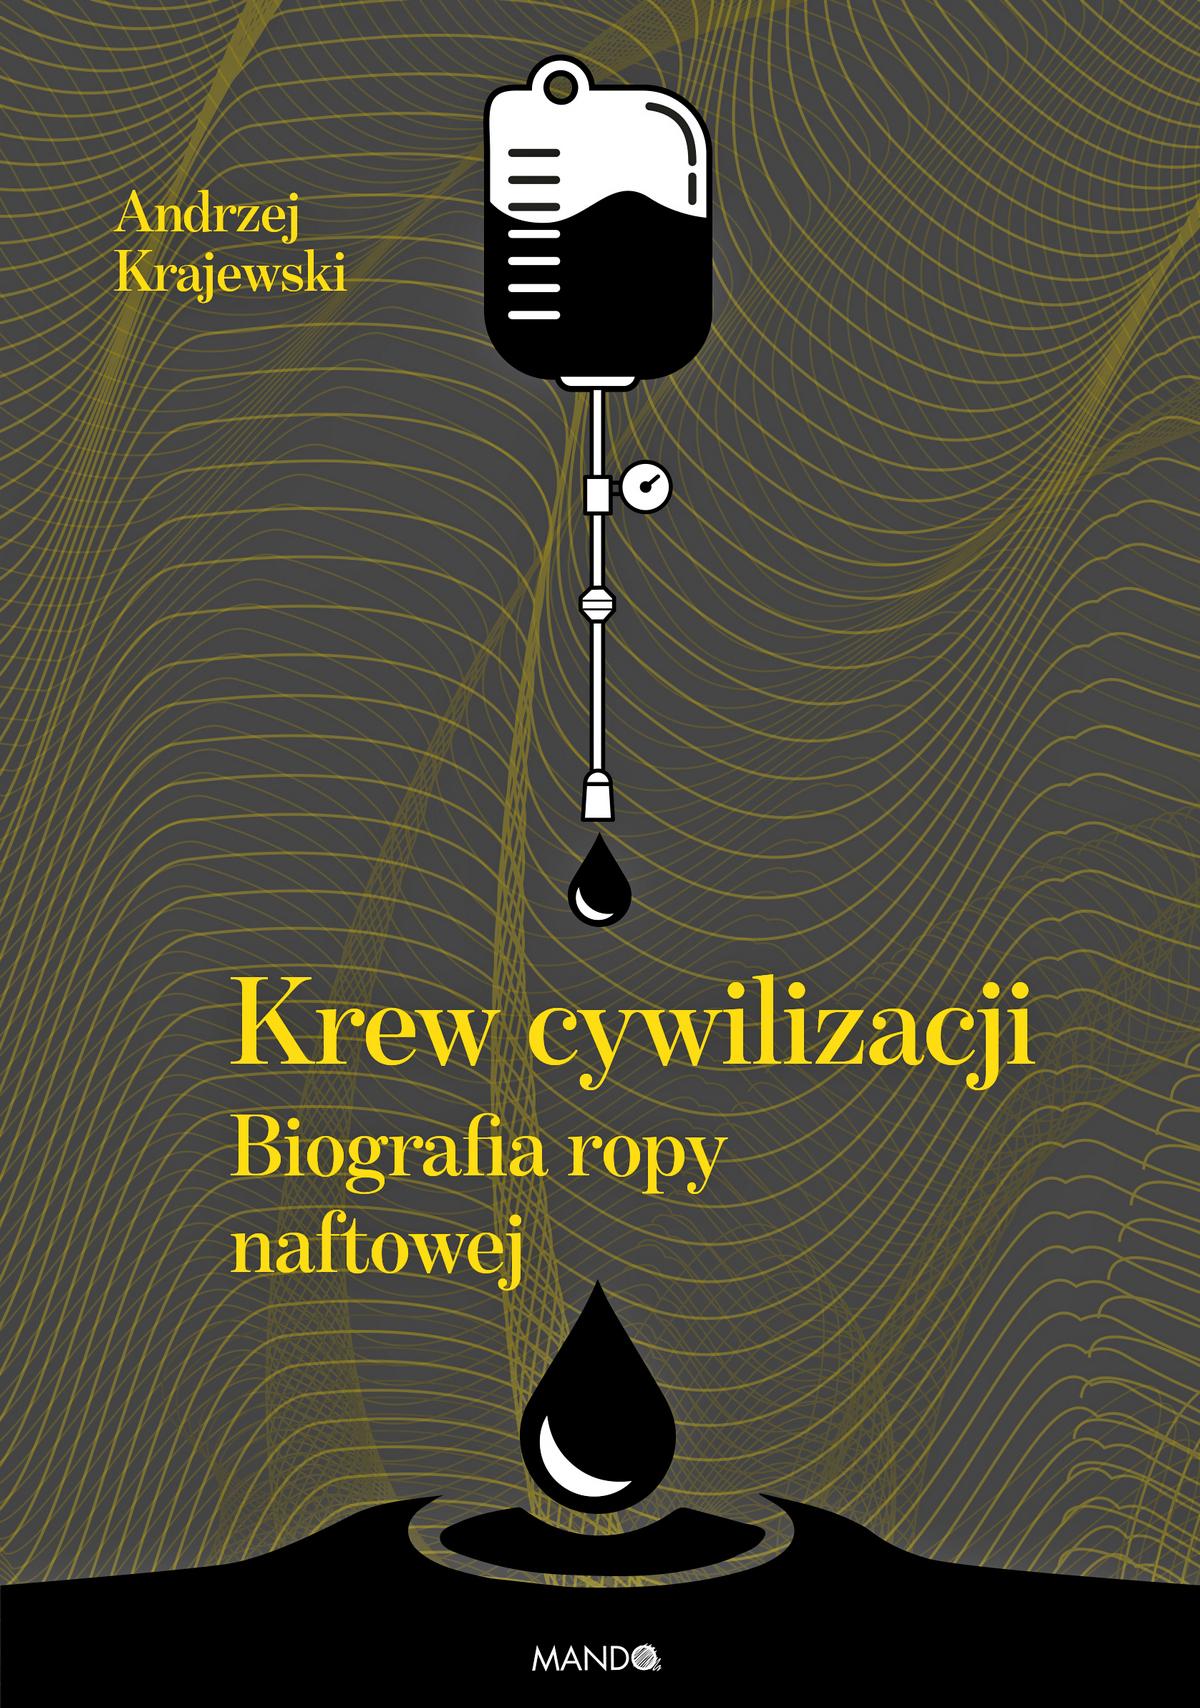 """Artykuł powstał między innymi na podstawie książki Andrzeja Krajewskiego pod tytułem """"Krew cywilizacji. Biografia ropy naftowej"""" (WAM 2018)."""